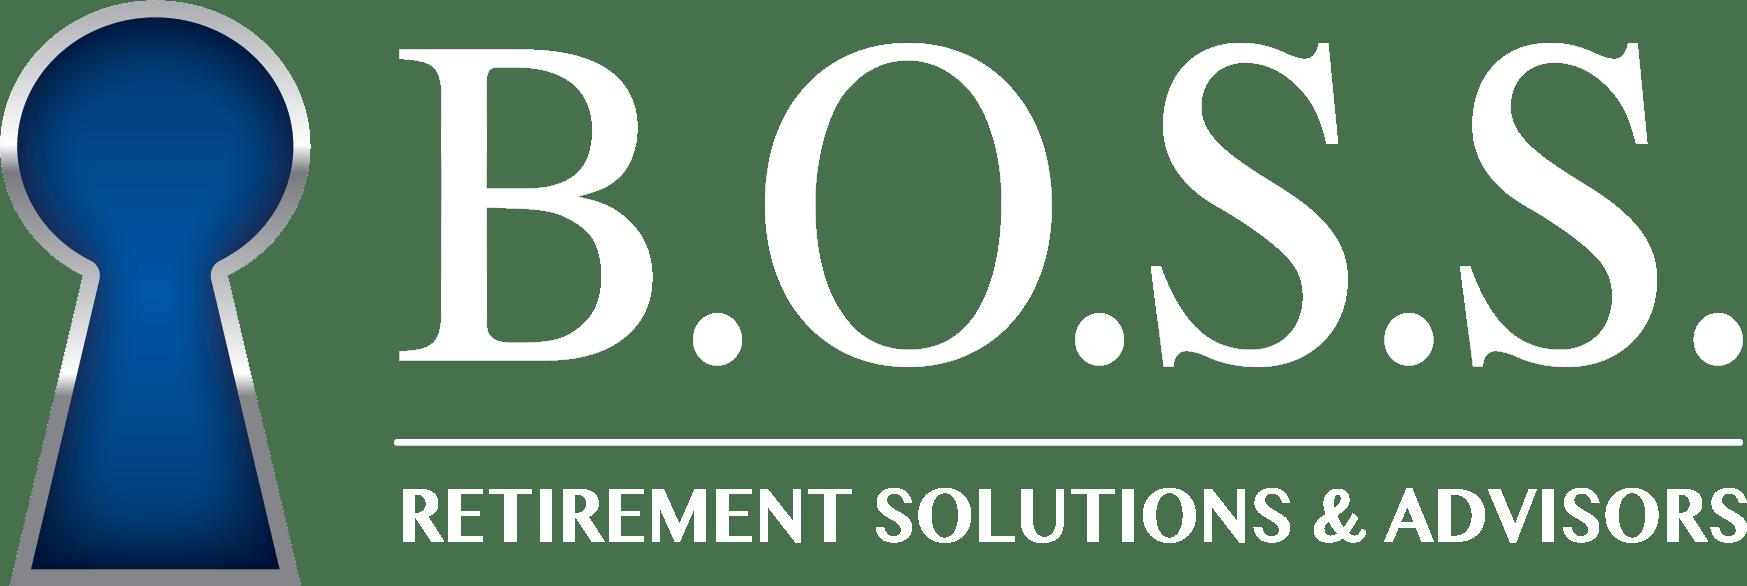 bosss-white-logo